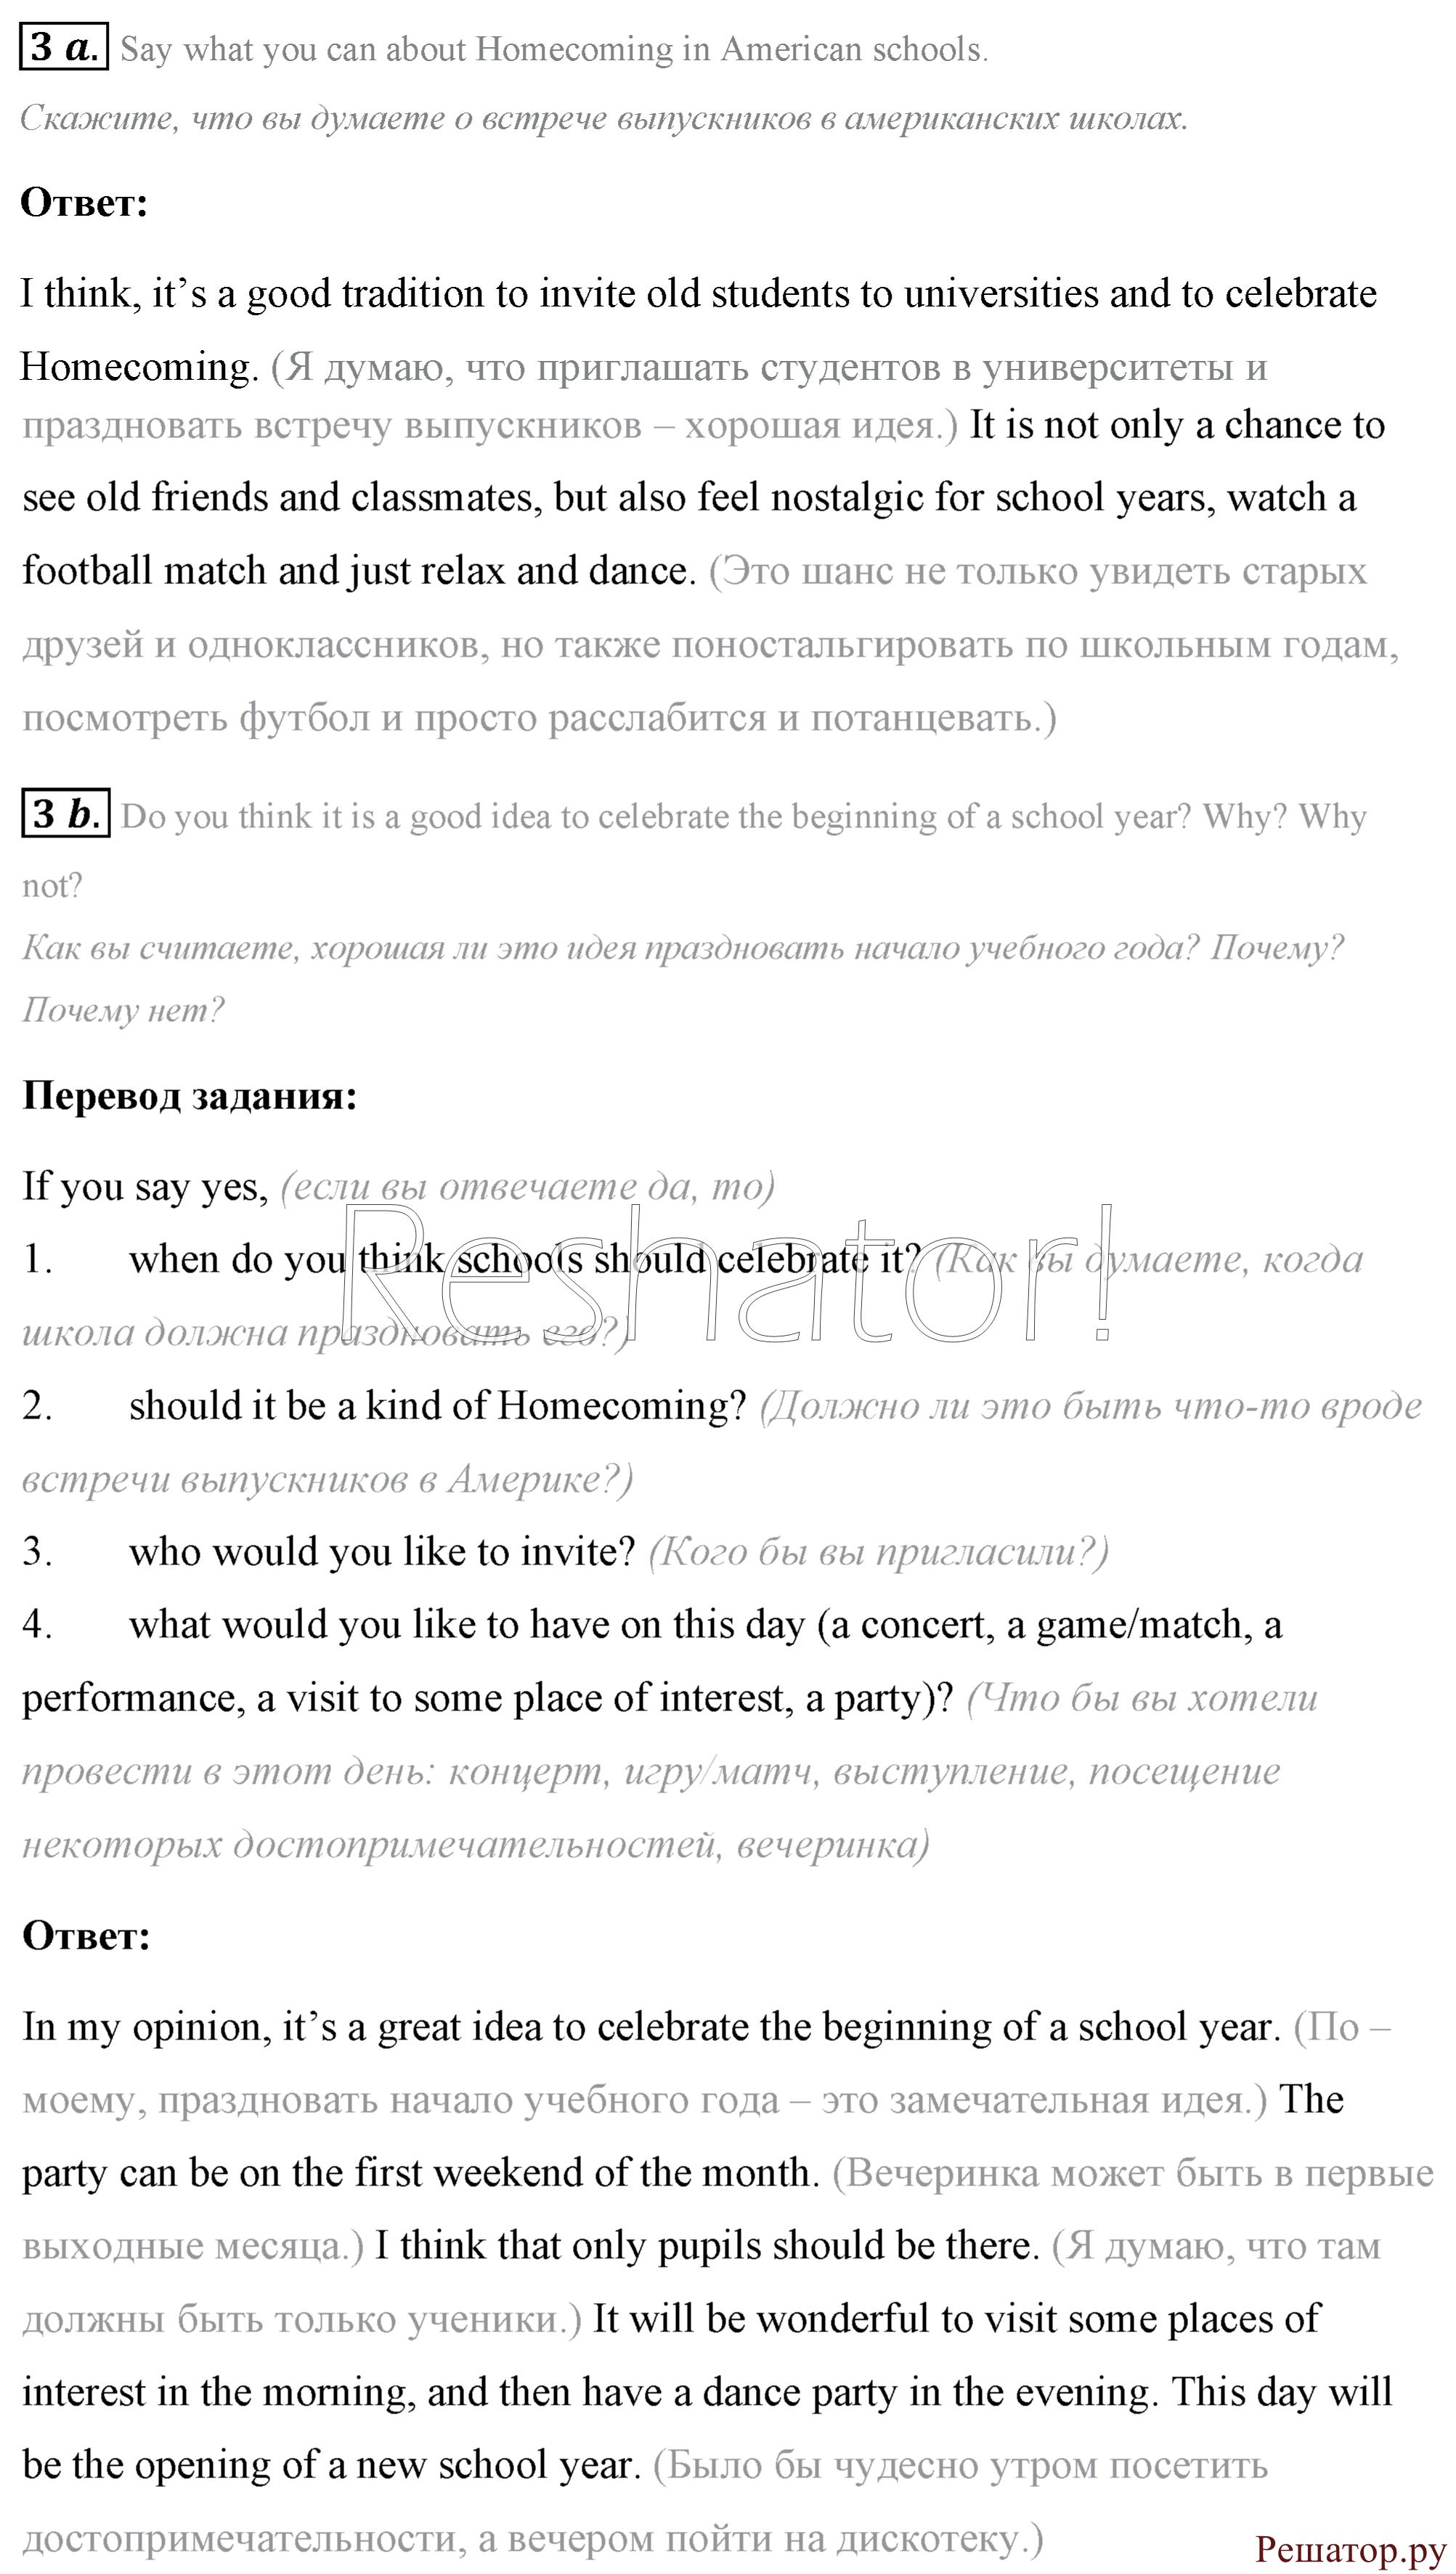 audio-uchebnik-7-klass-angliyskiy-yazik-afanaseva-miheeva-3-god-obucheniya